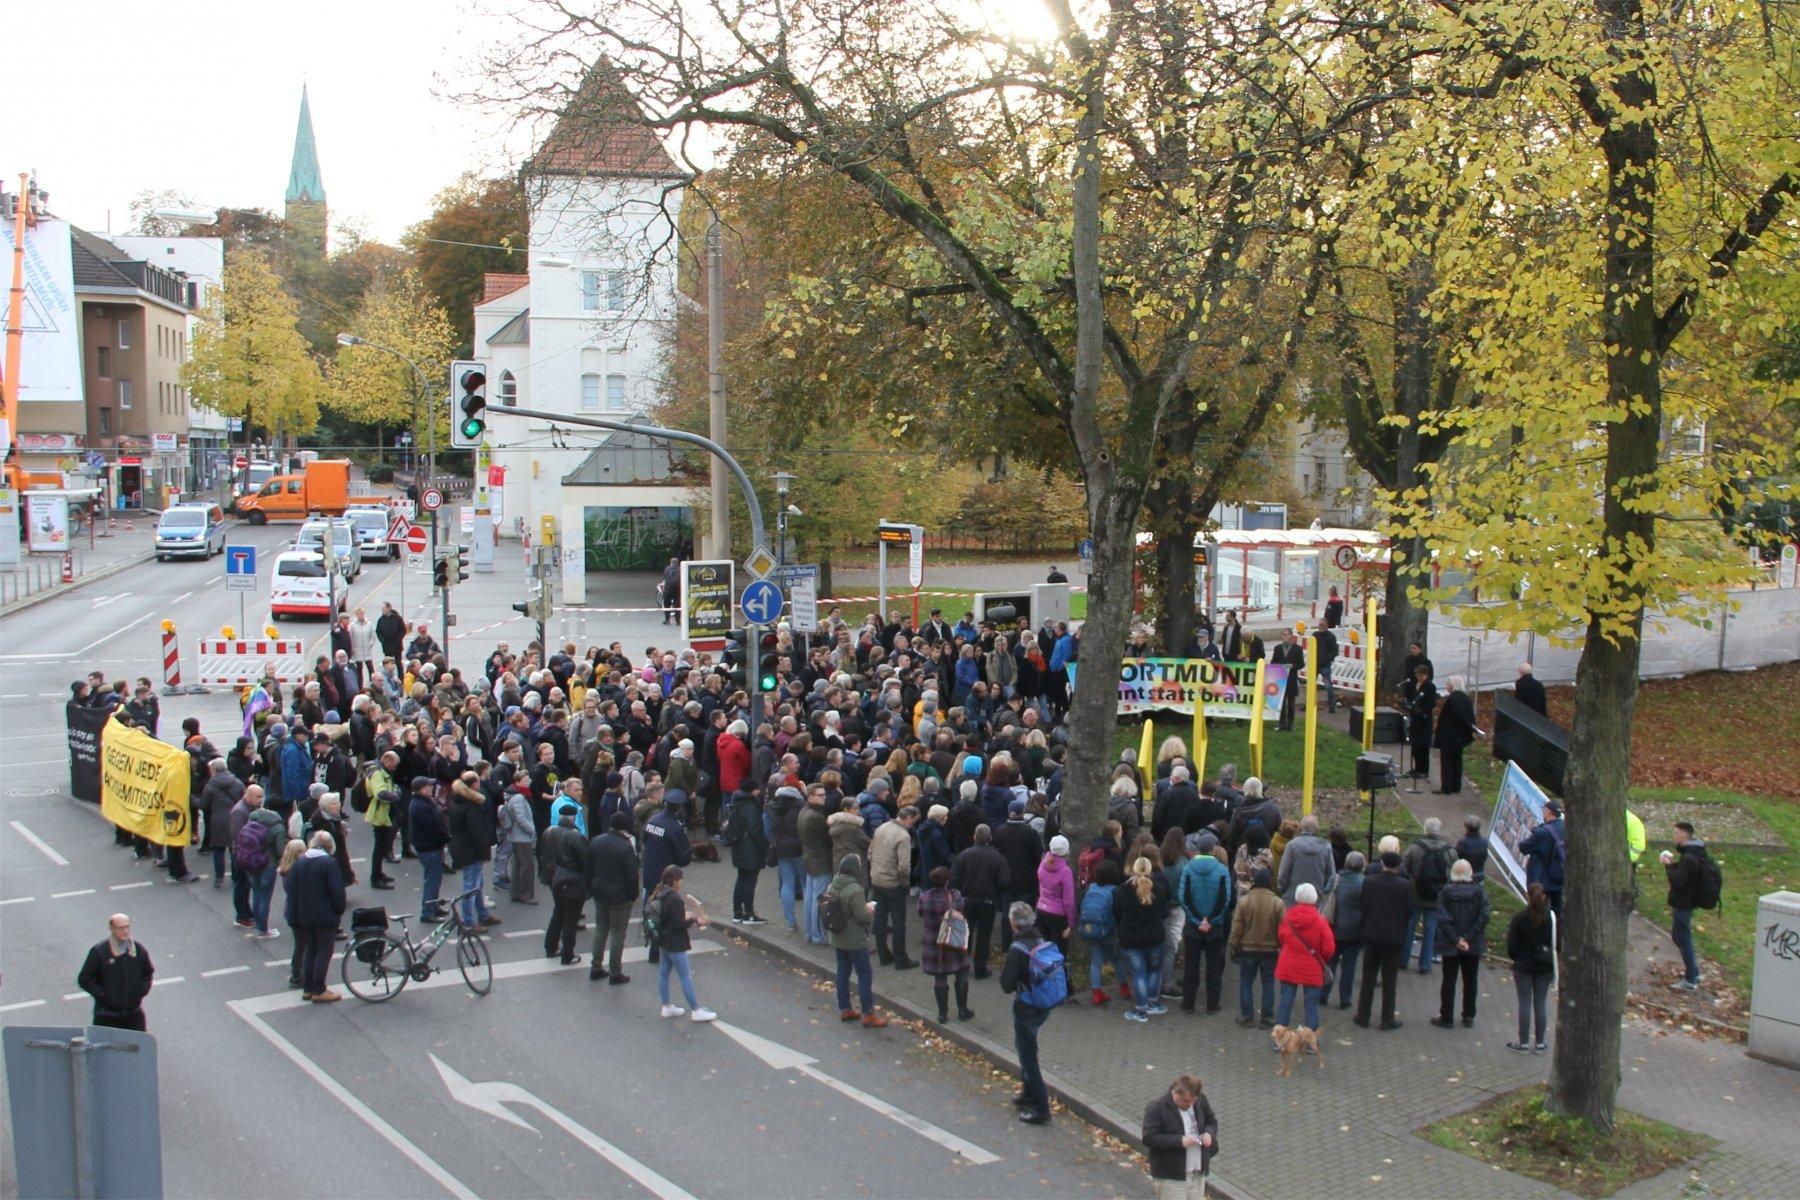 Viele Menschen nahmen an der Gedenkveranstaltung teil. (Fotos: IN-StadtMagazine)